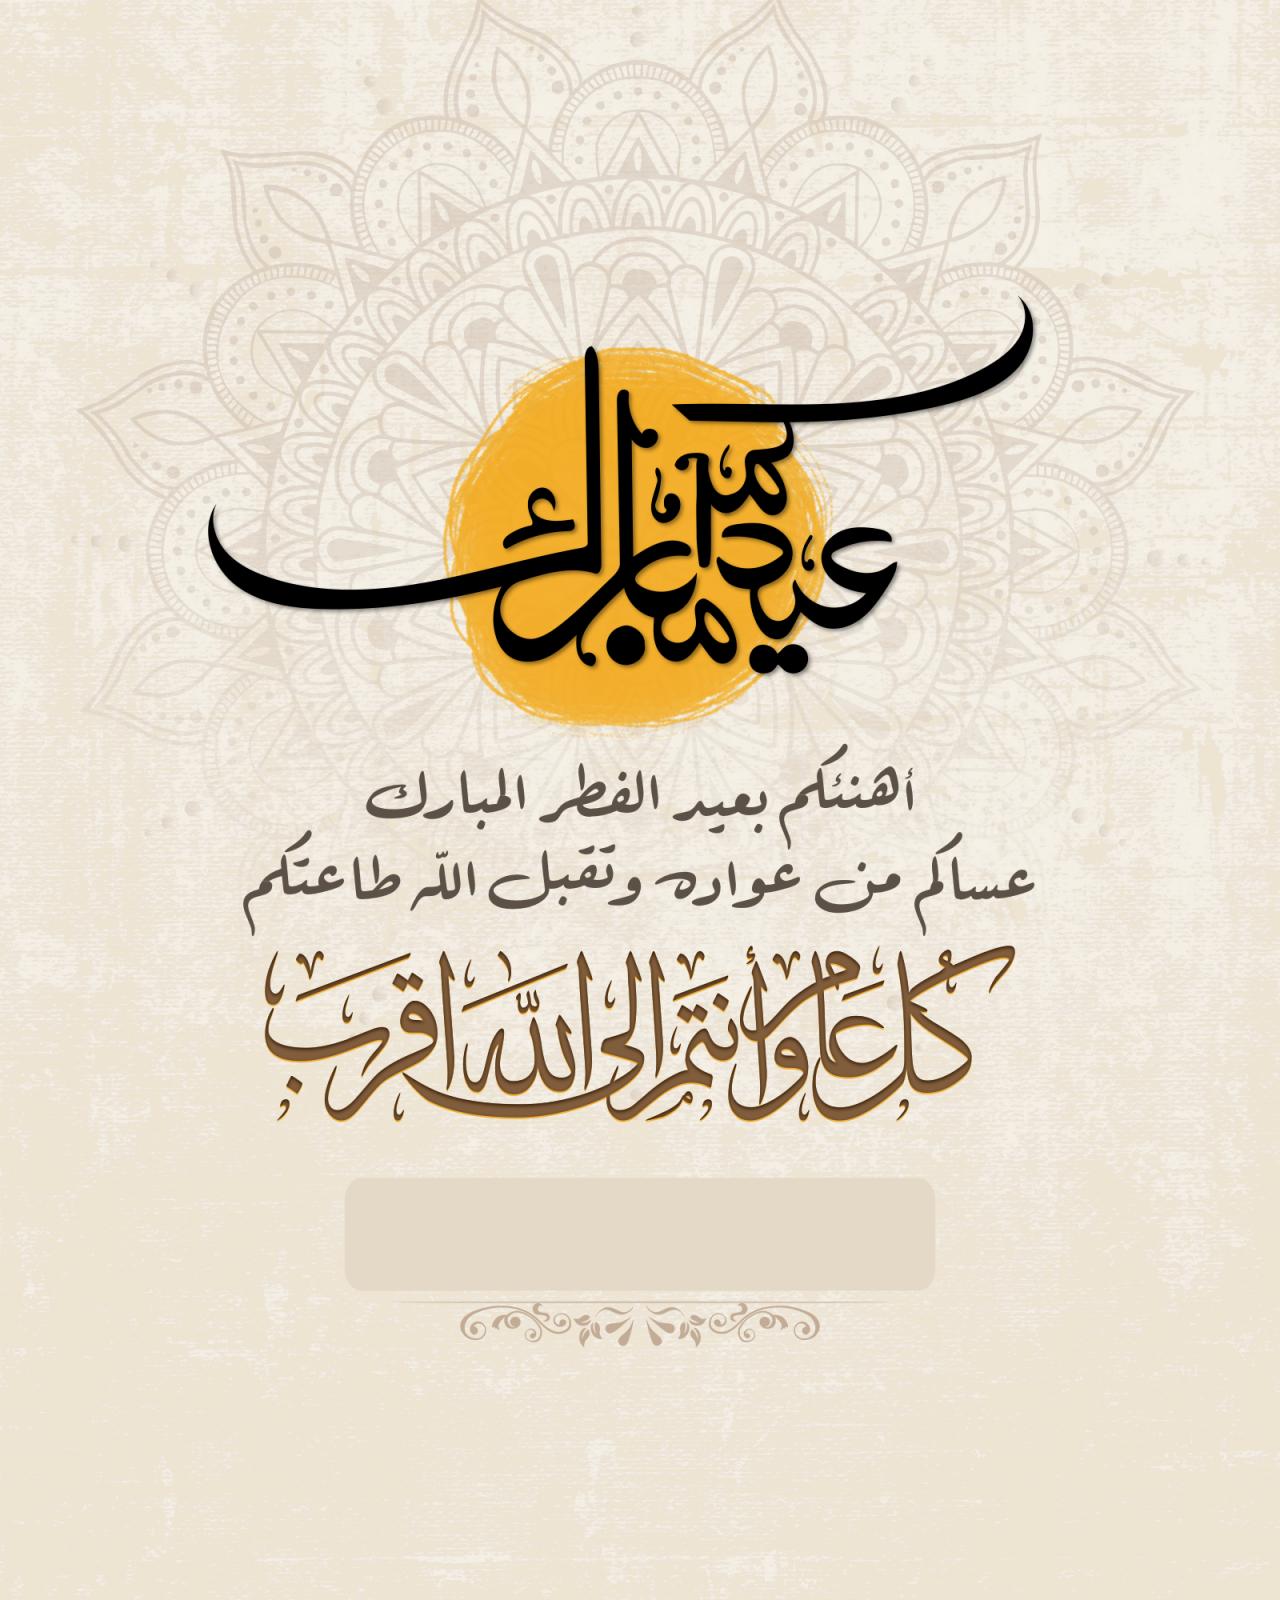 كويتية وكل ما انشره من تصميمي Eid Photos Eid Greetings Eid Cards